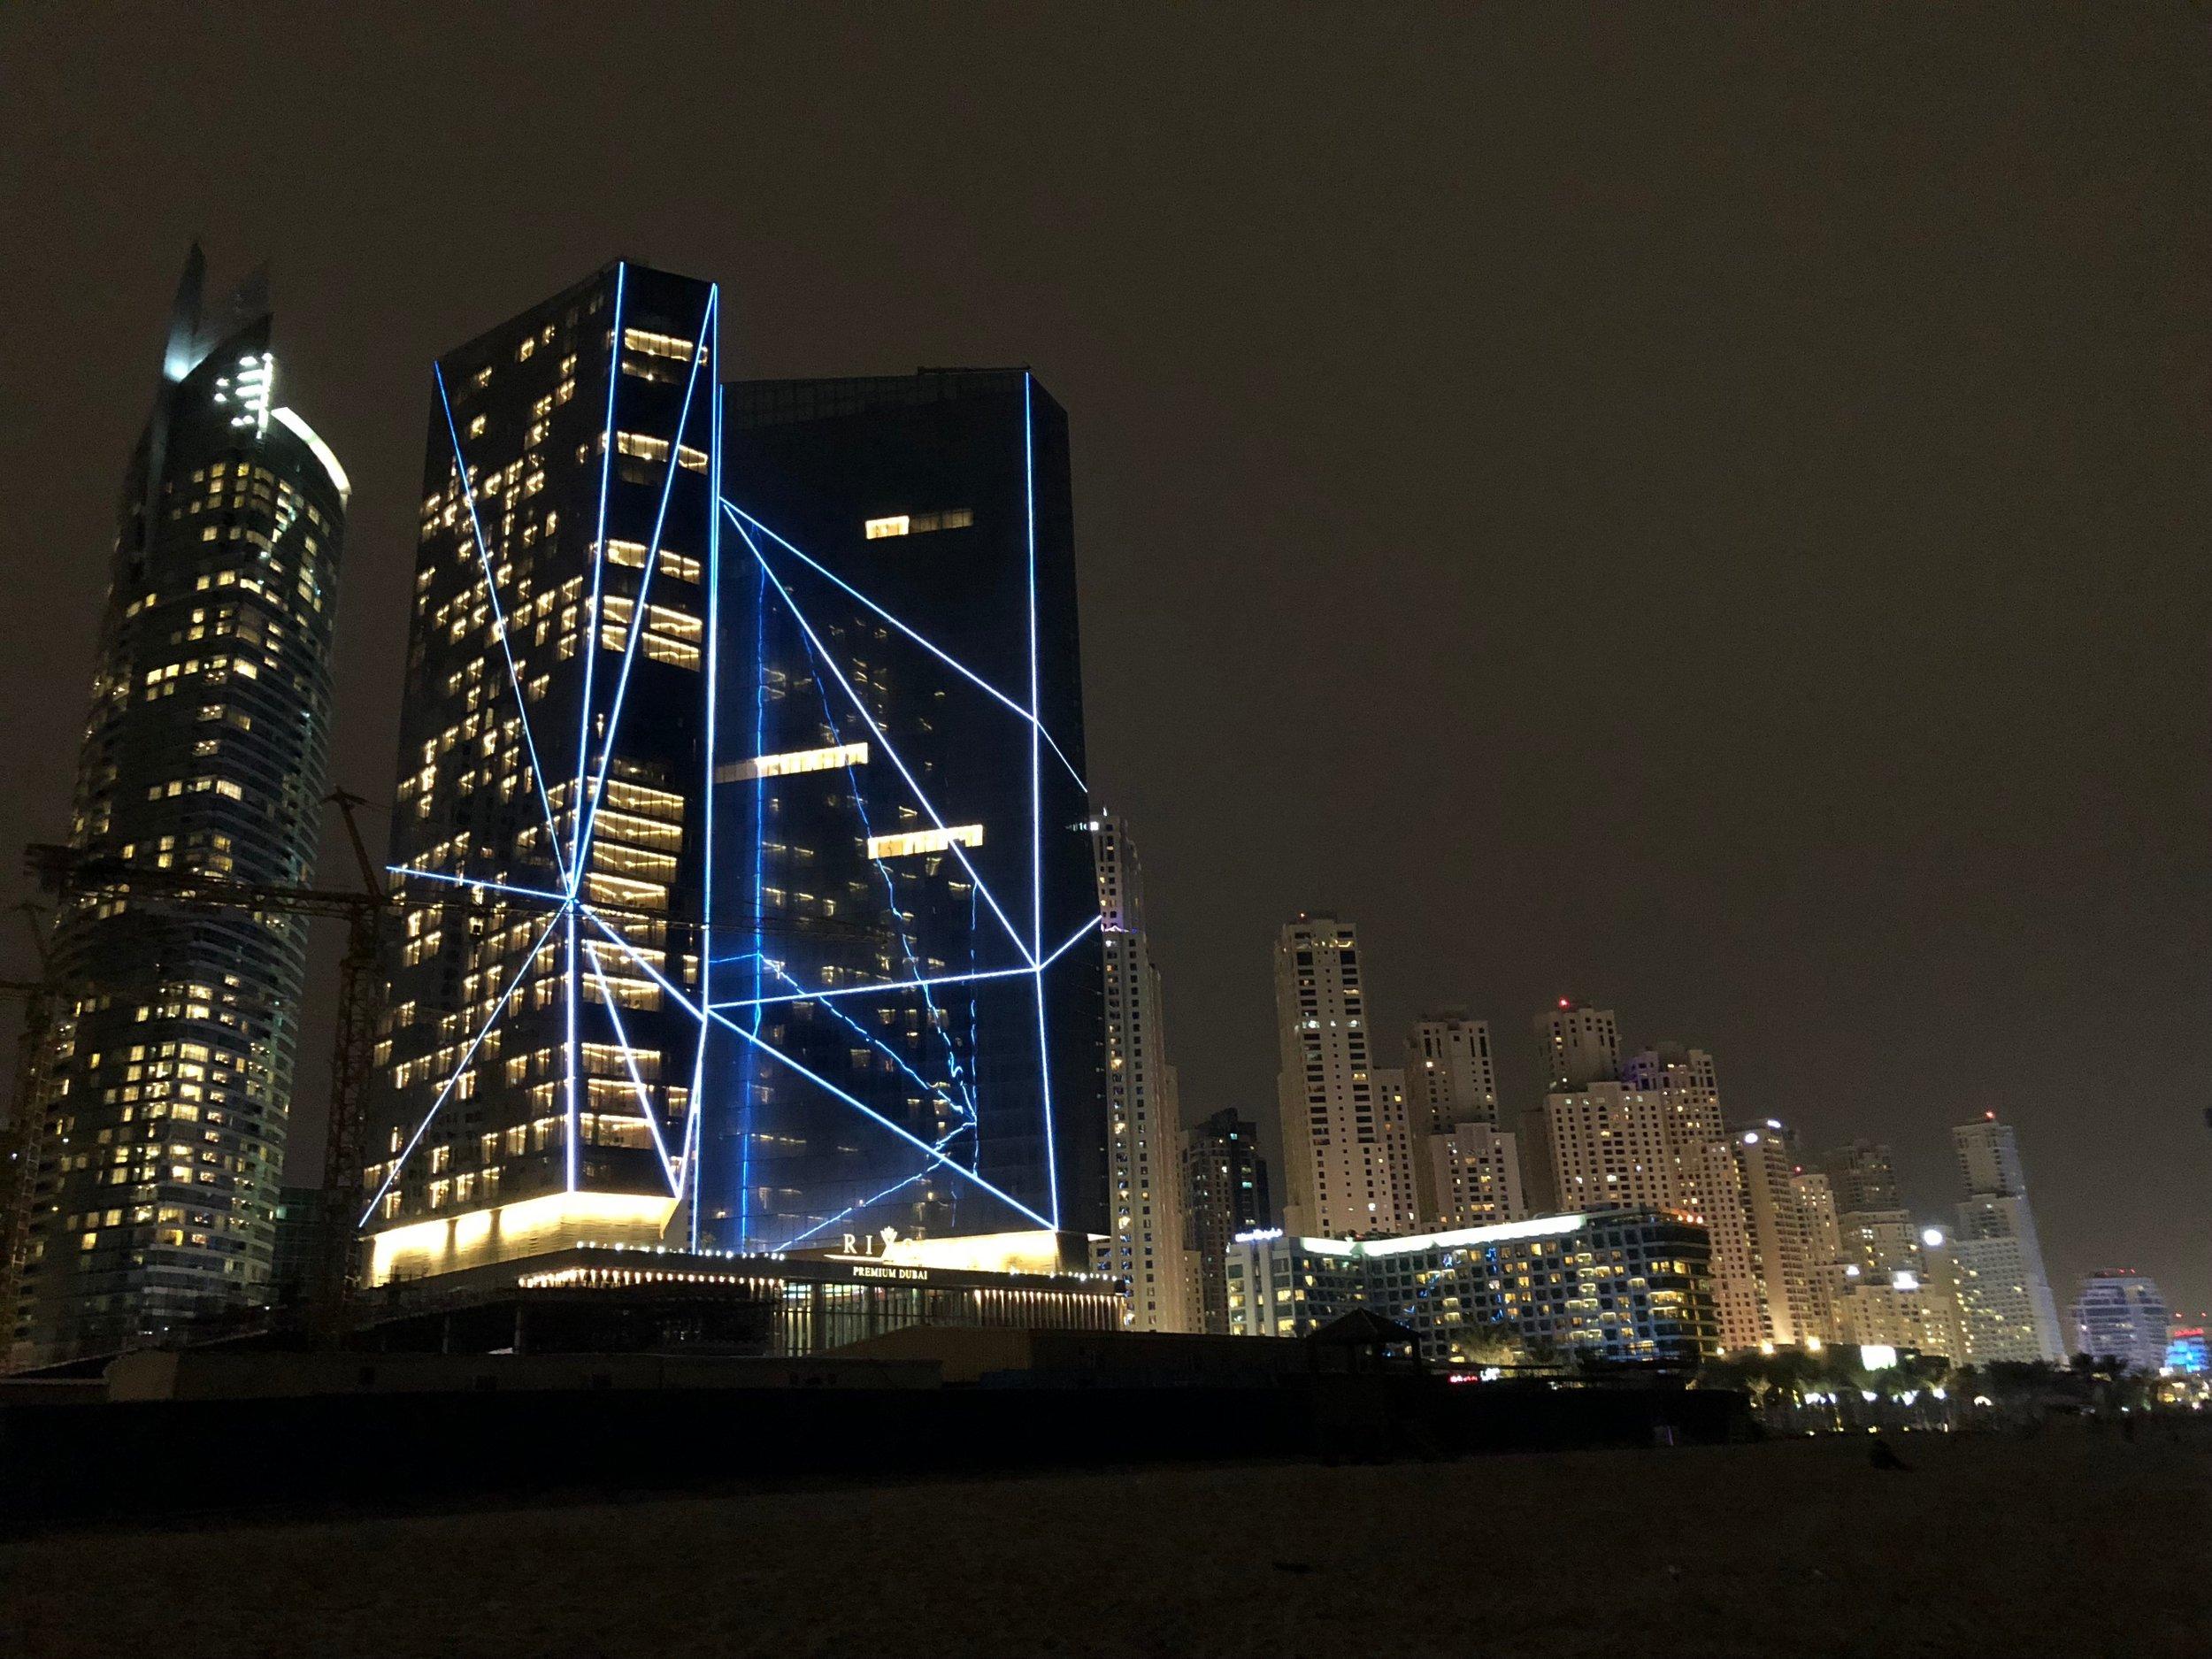 Dubai at night....